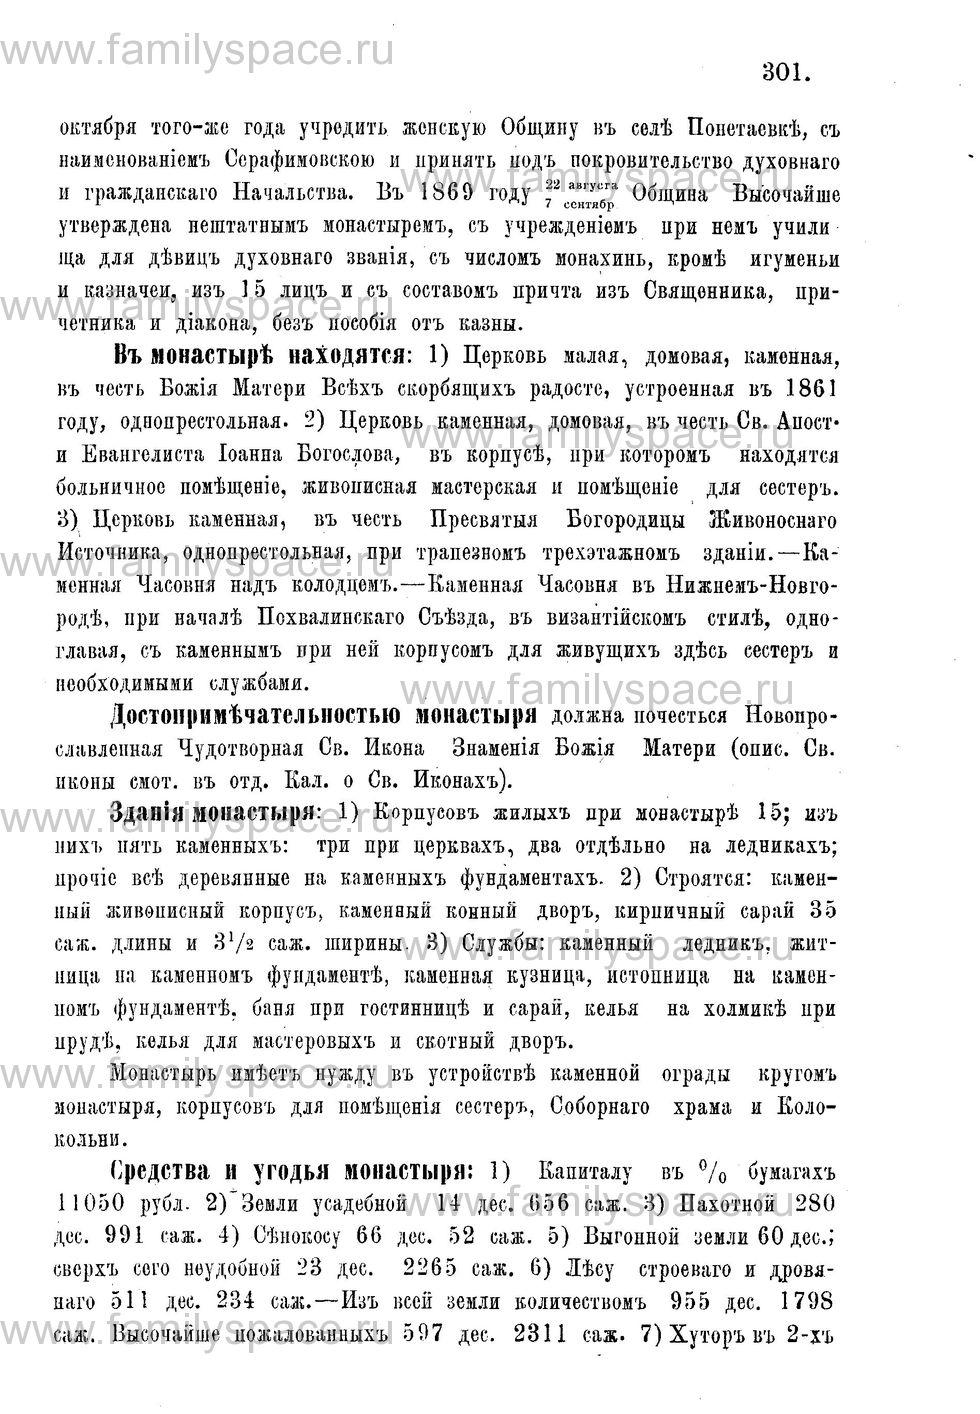 Поиск по фамилии - Адрес-календарь Нижегородской епархии на 1888 год, страница 1301